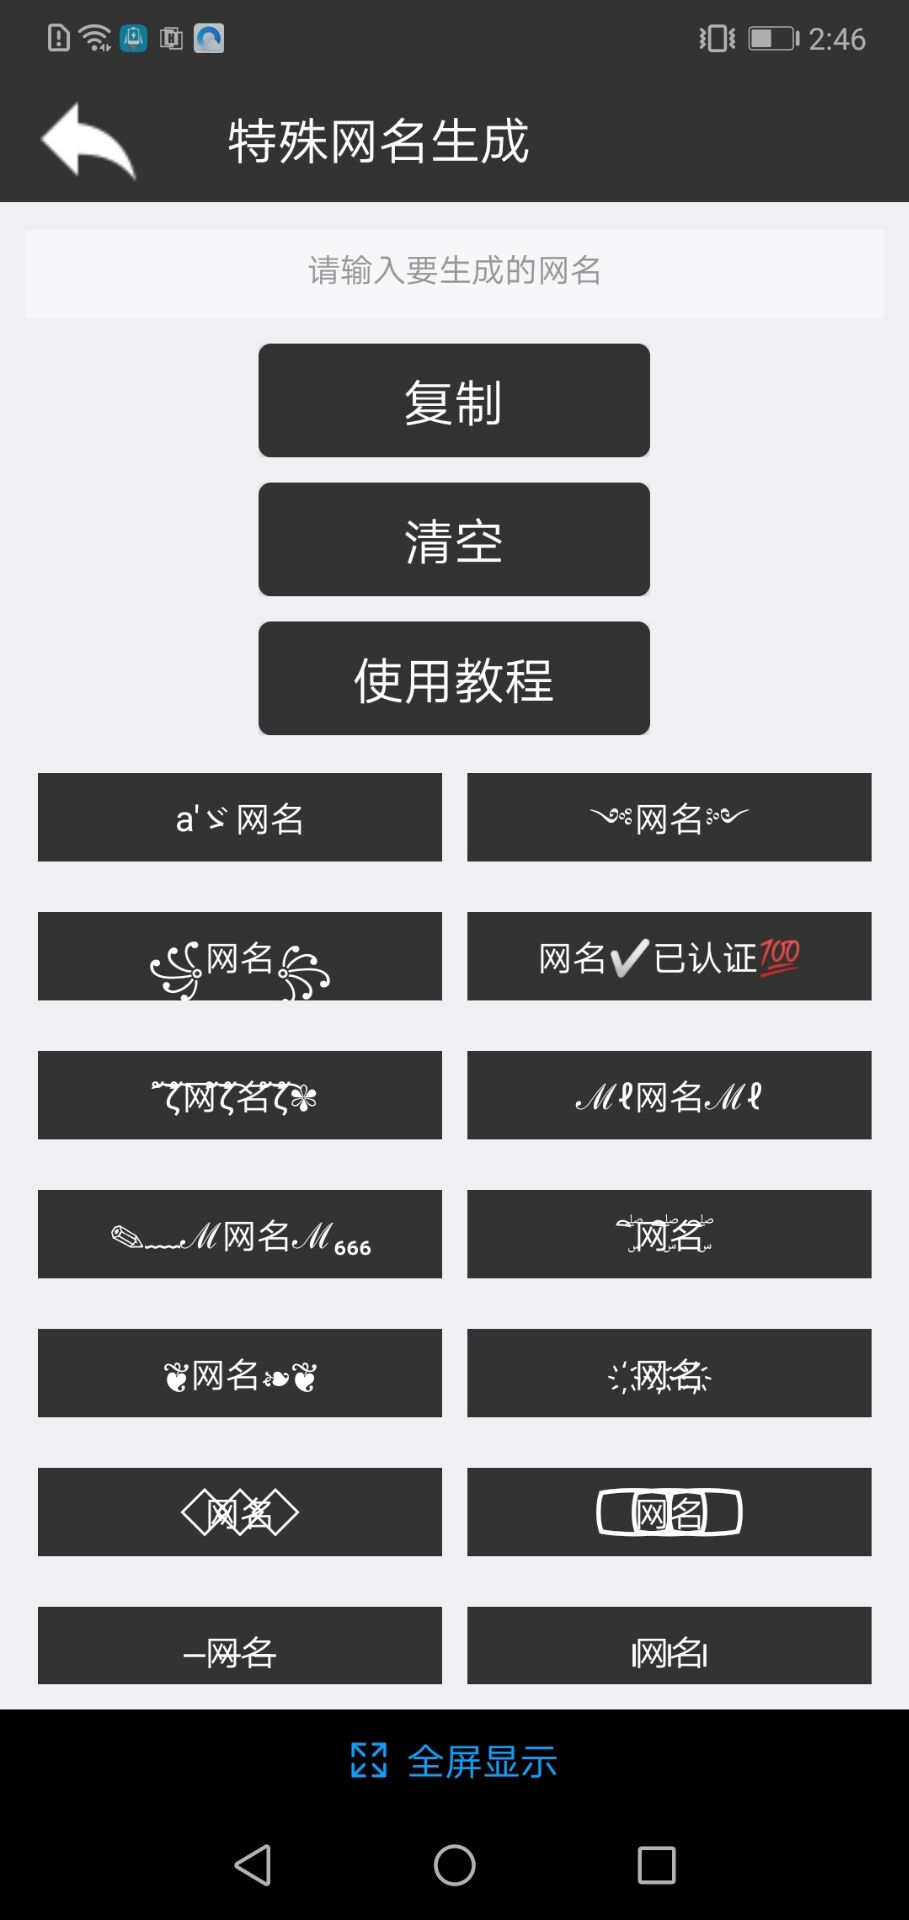 【资源分享】安卓工具箱(汇聚各种功能)